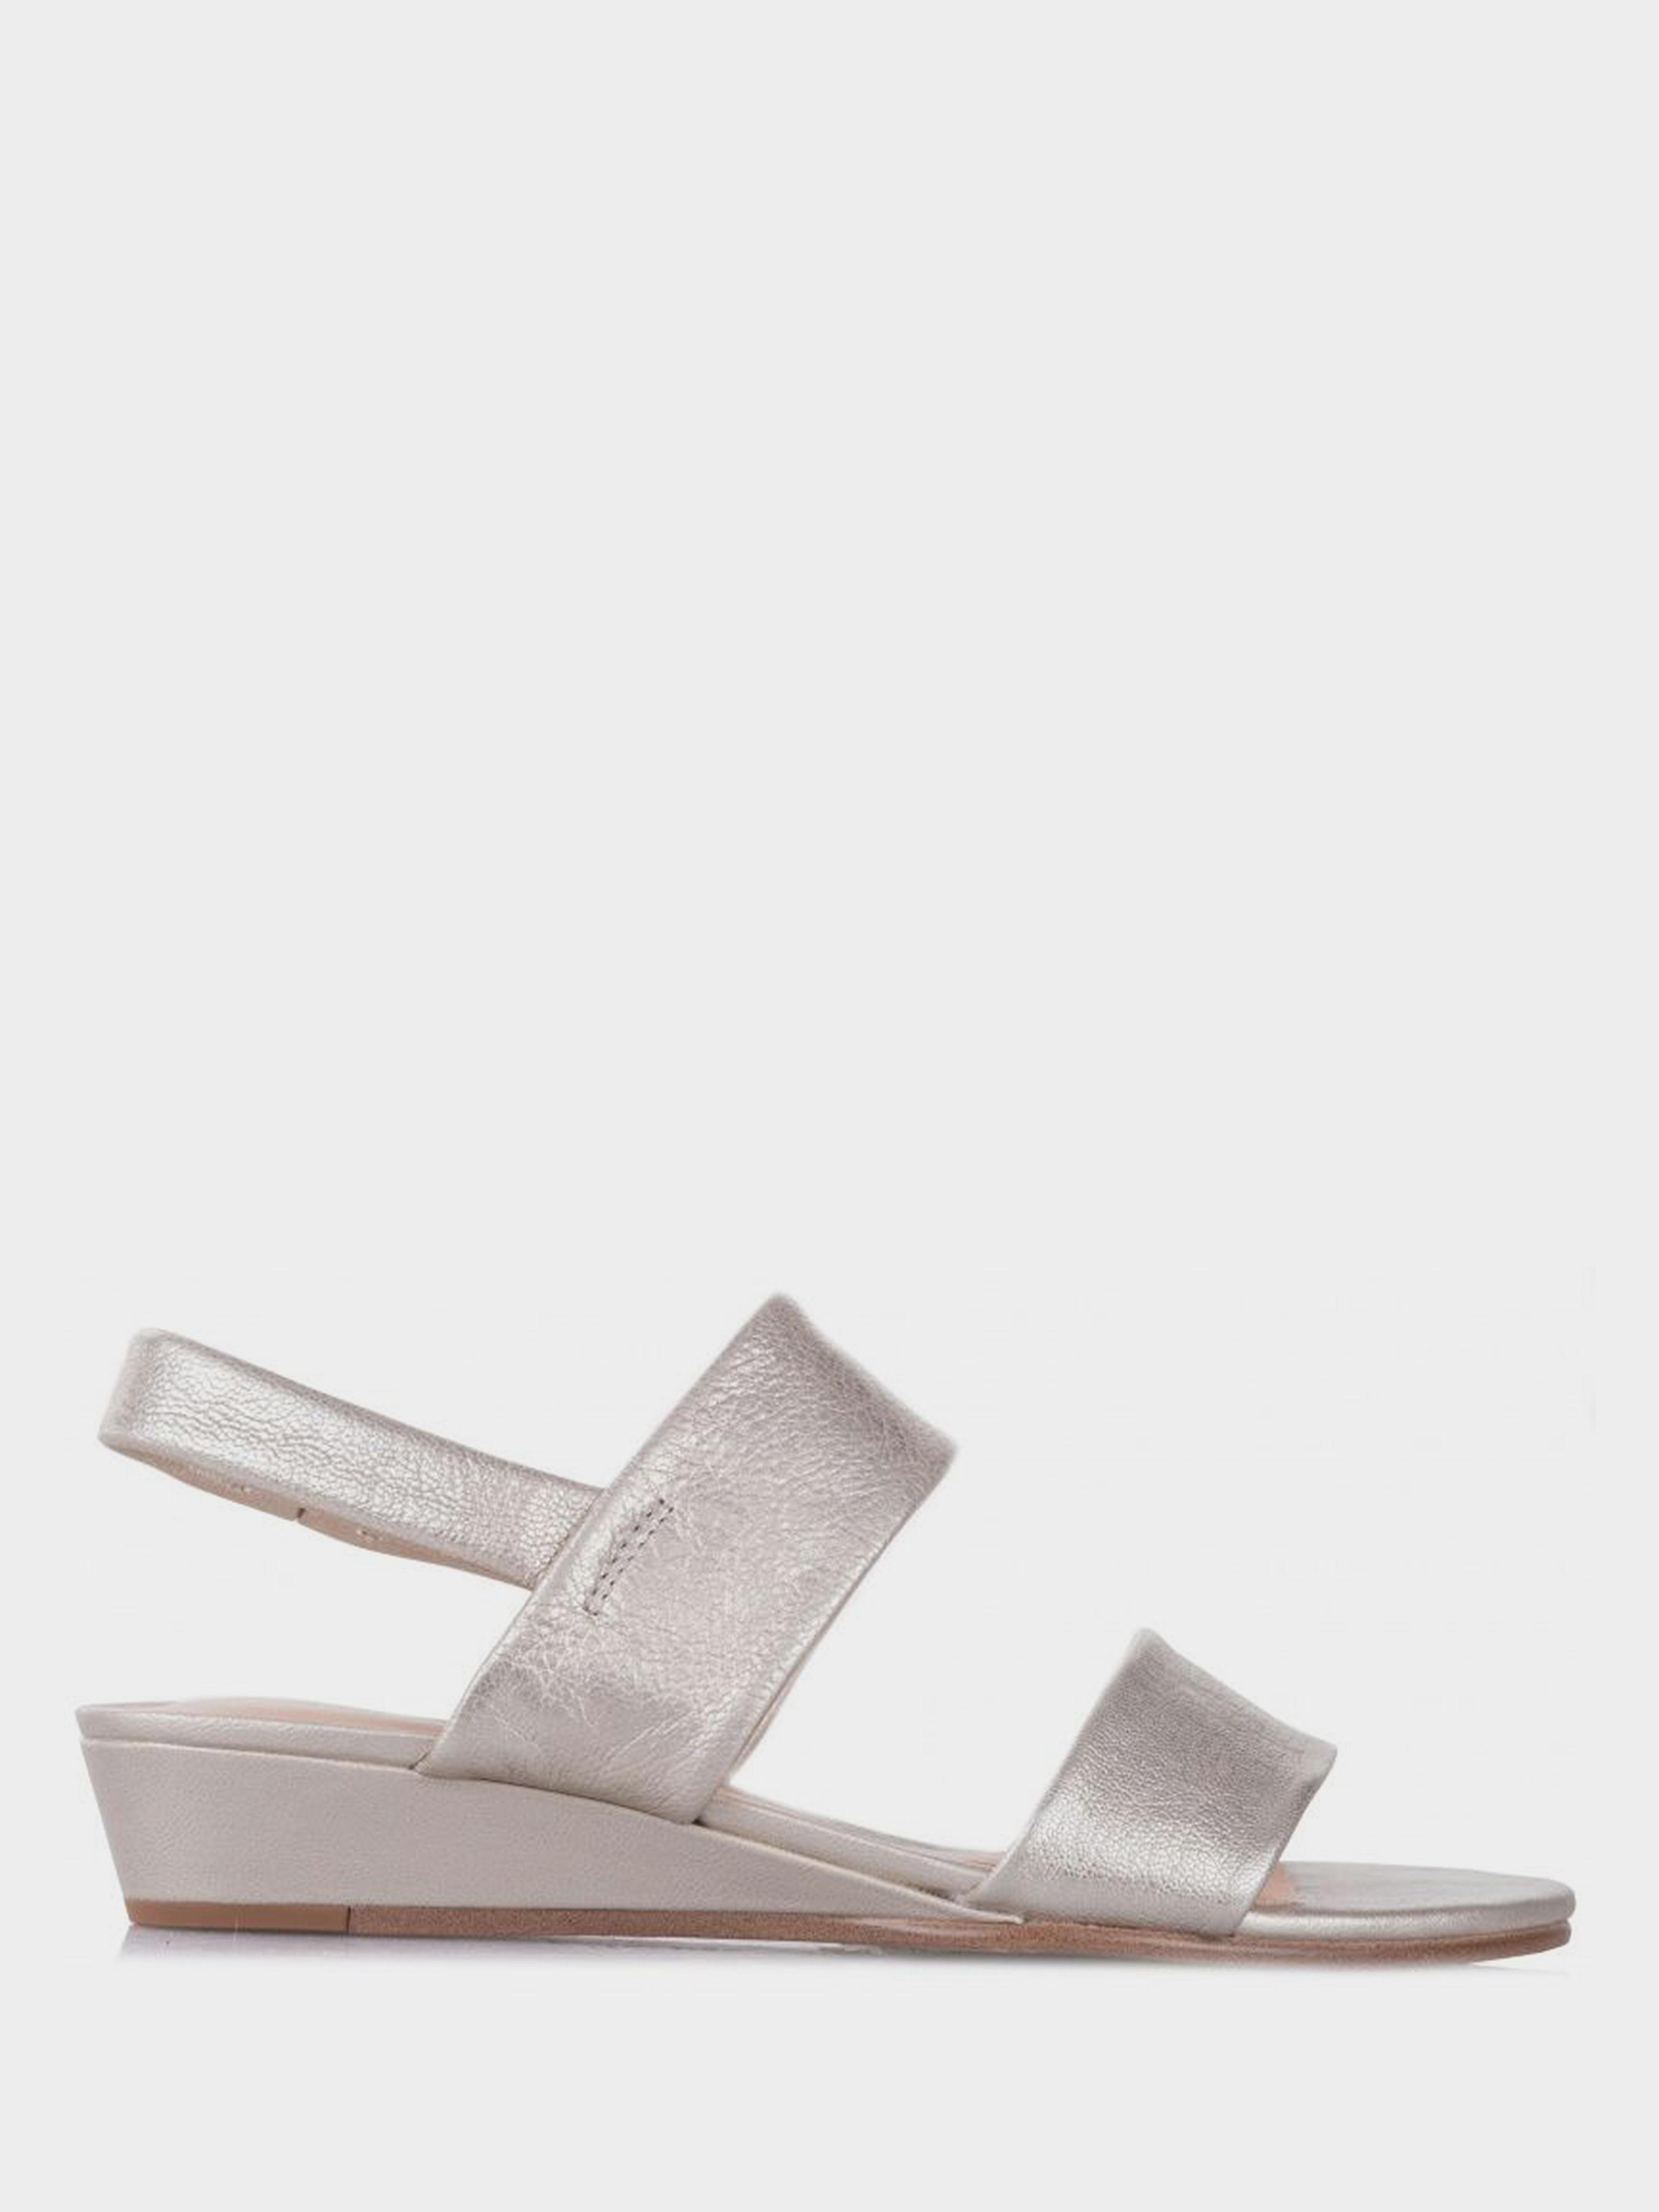 Босоножки женские Clarks Sense Lily OW4421 размеры обуви, 2017